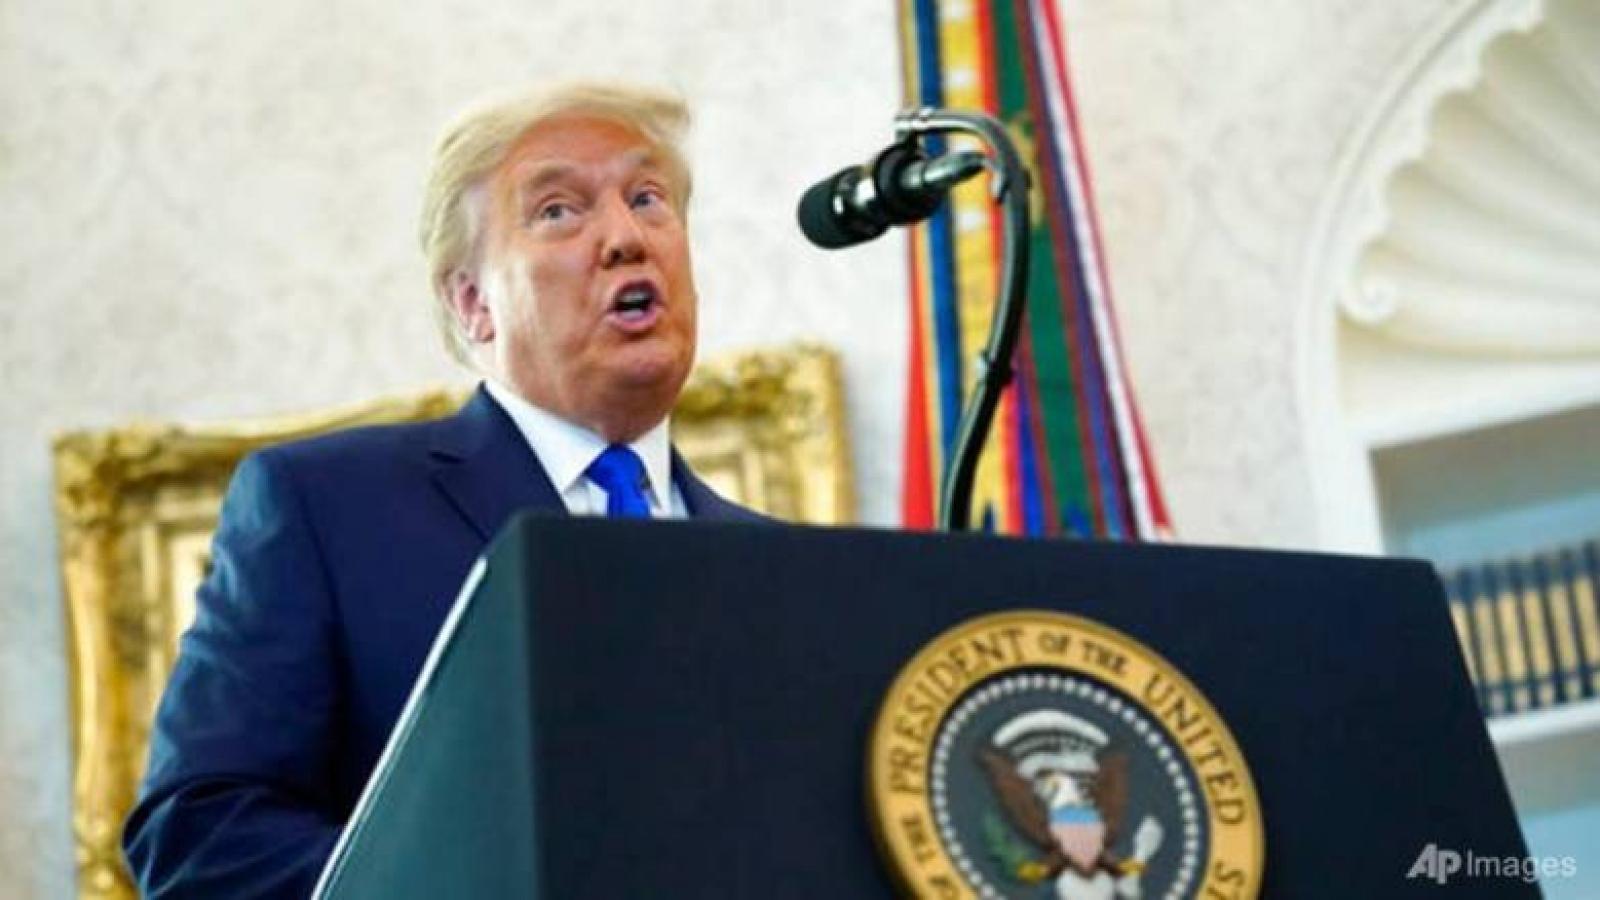 Tổng thống Trump sẽ không áp thuế mới lên Trung Quốc trước tháng 1